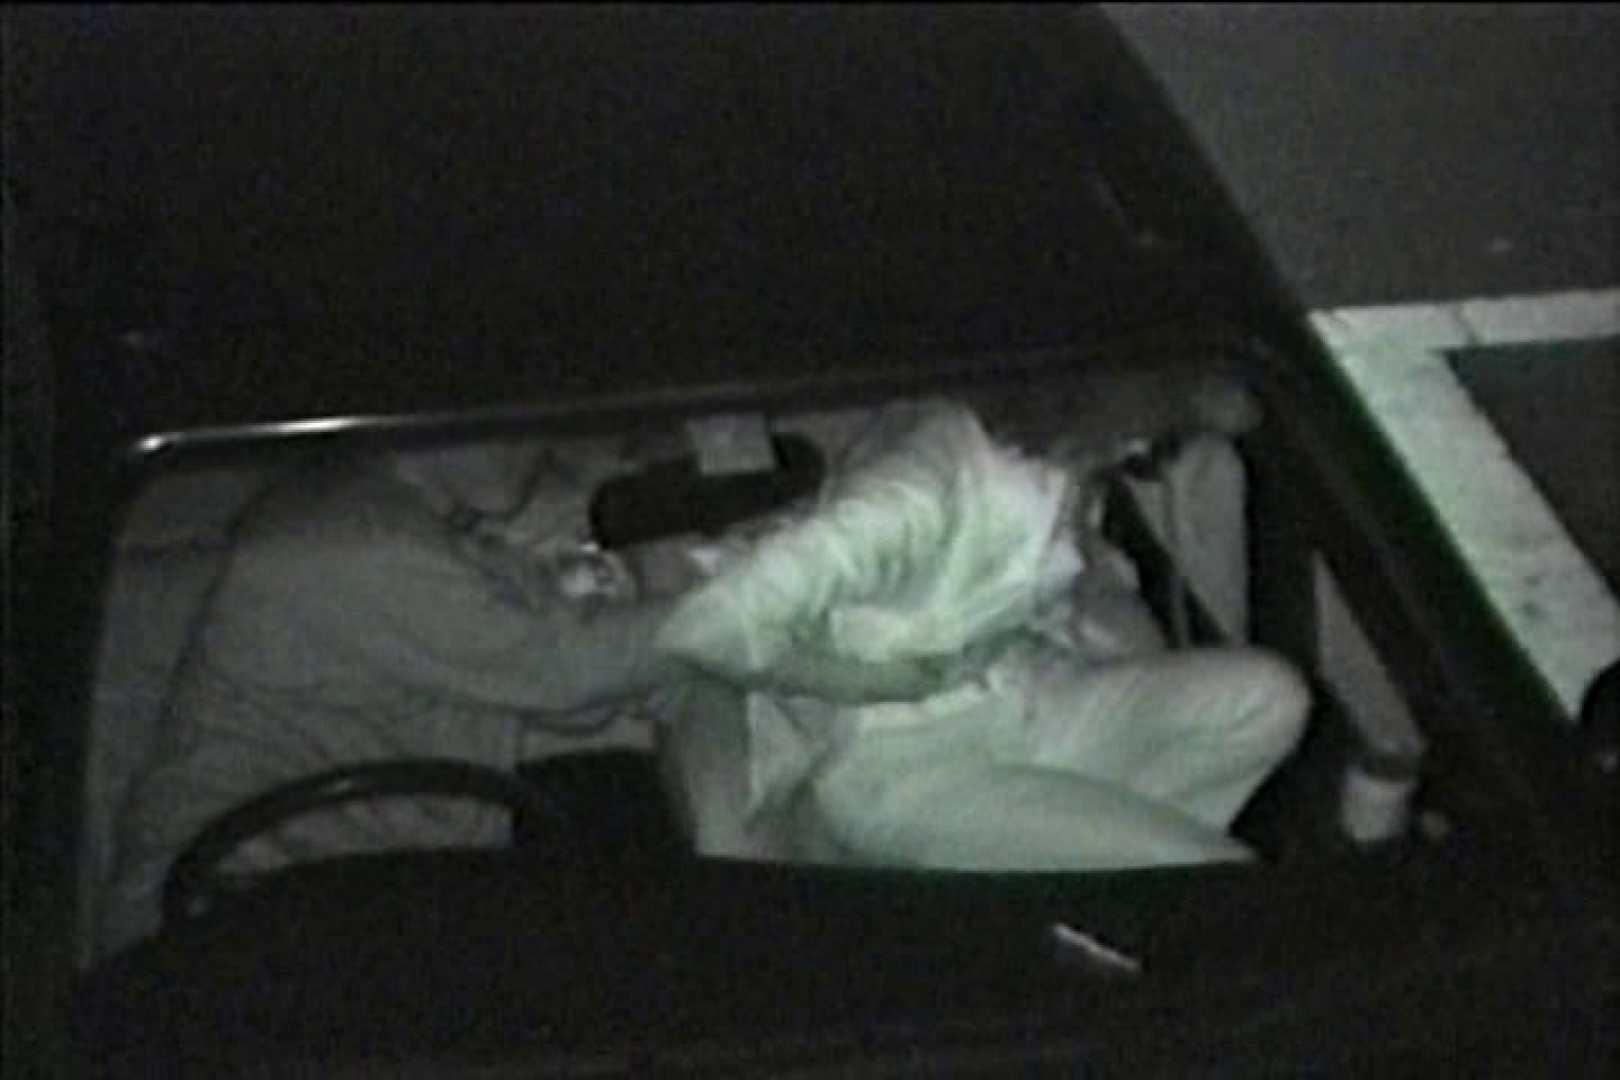 車の中はラブホテル 無修正版  Vol.7 接写 AV動画キャプチャ 81pic 66